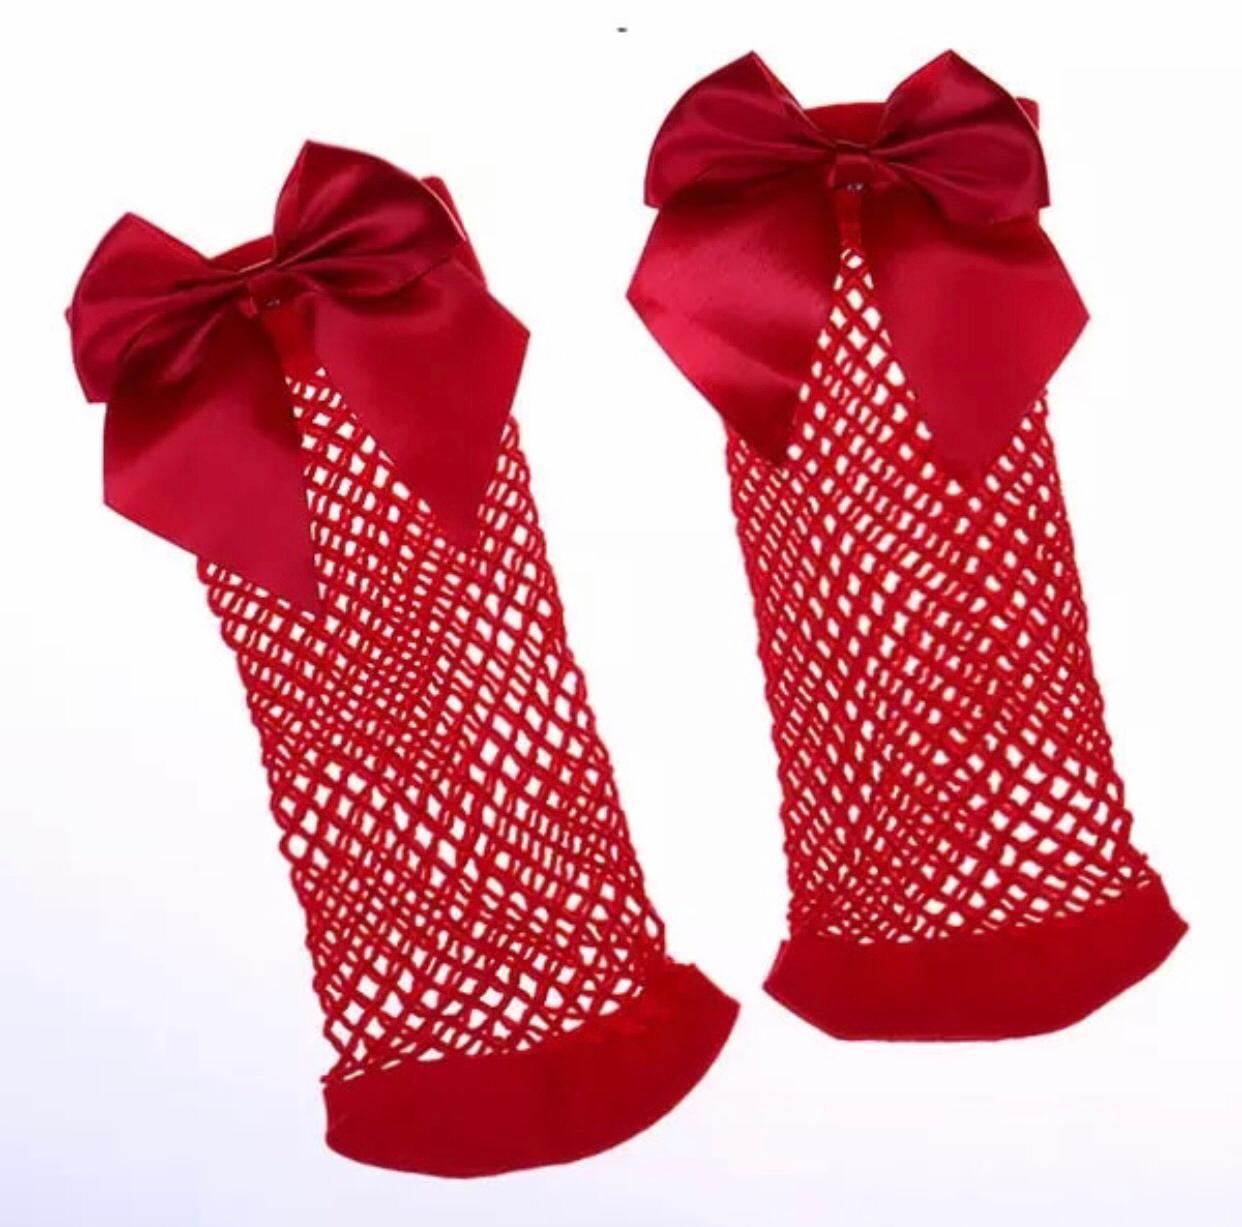 Fishnet Socks  Net Socks  Mesh Socks  Baby Girl Socks  Bow Knot Fishnet Socks  Teeberry Accessories Fish Net Socks  Top Quality Stretchable Mesh Socks